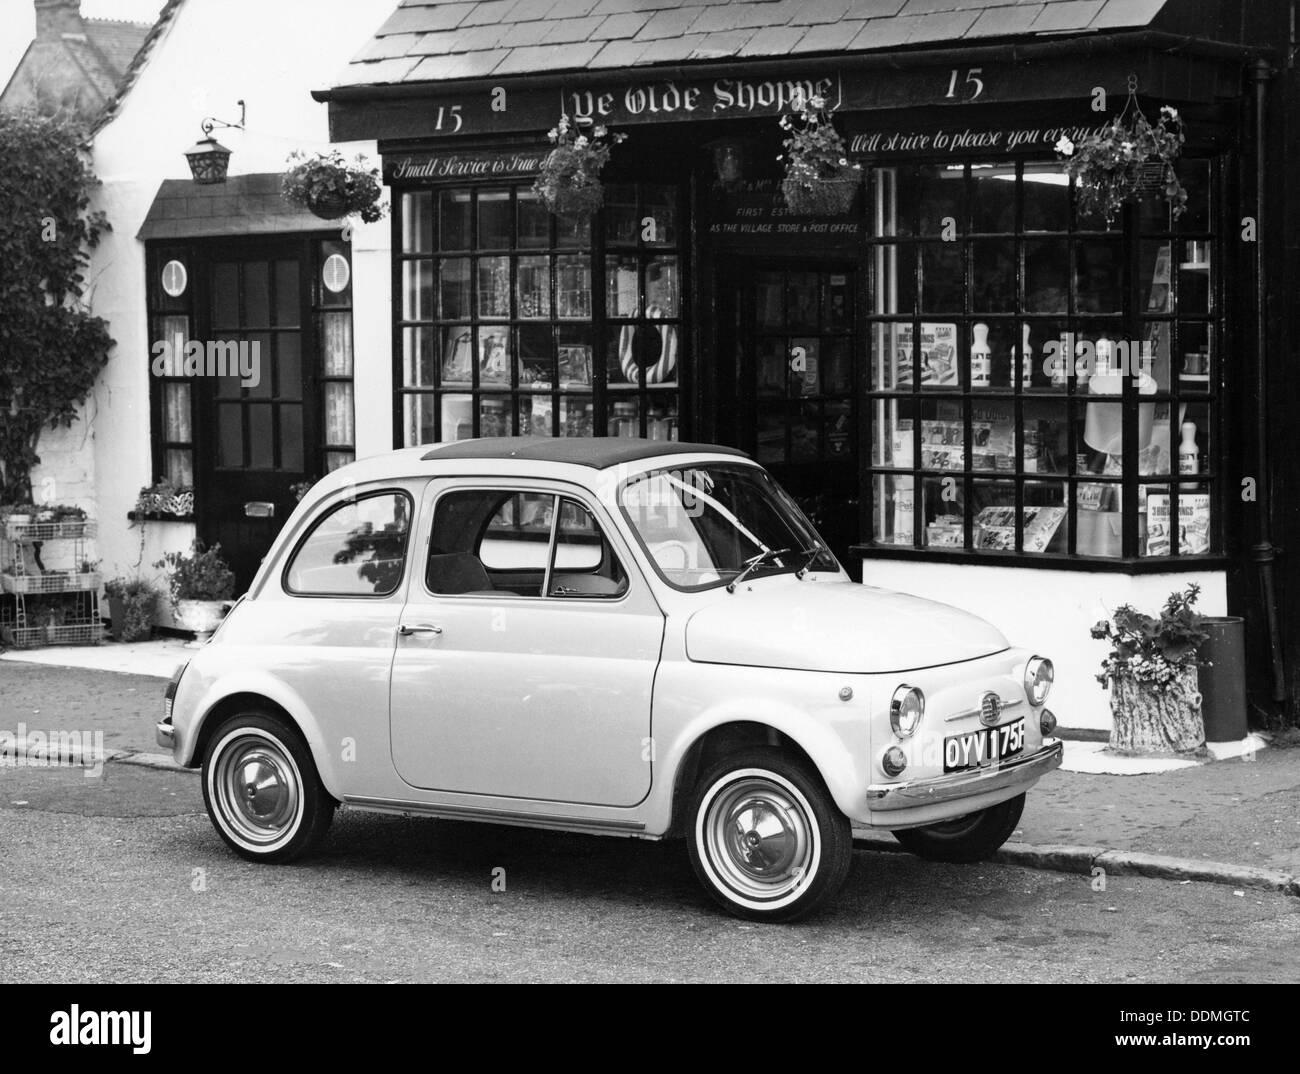 Fiat 500 parked outside a quaint shop, 1969. - Stock Image